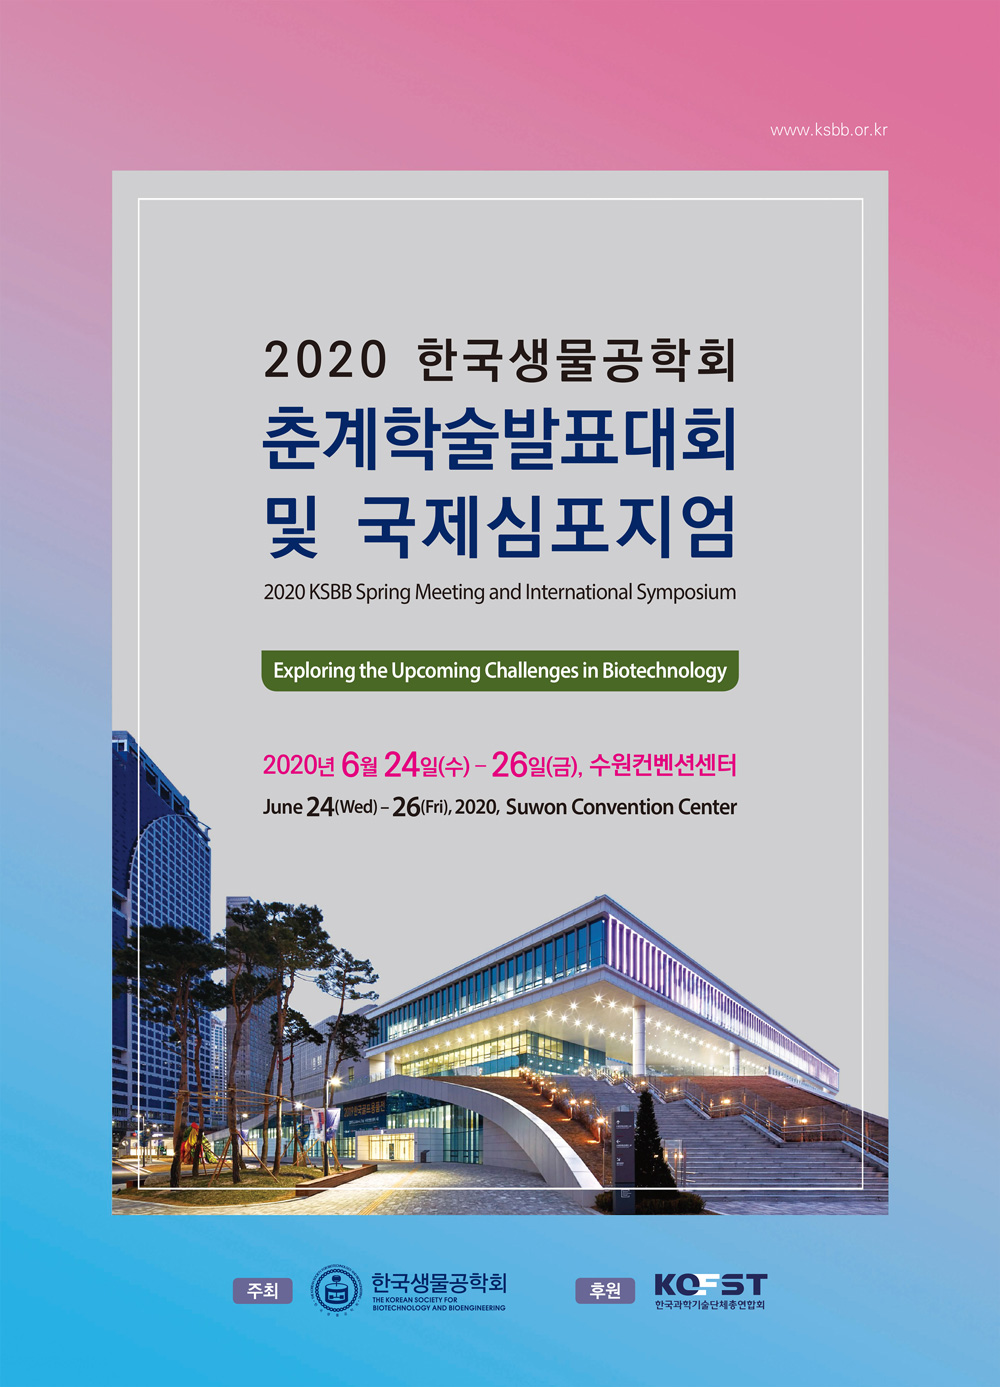 2020 한국생물공학회 춘계학술발표대회 및 국제심포지엄. 2020 한국생물공학회 추계학술발표대회 및 국제심포지엄.